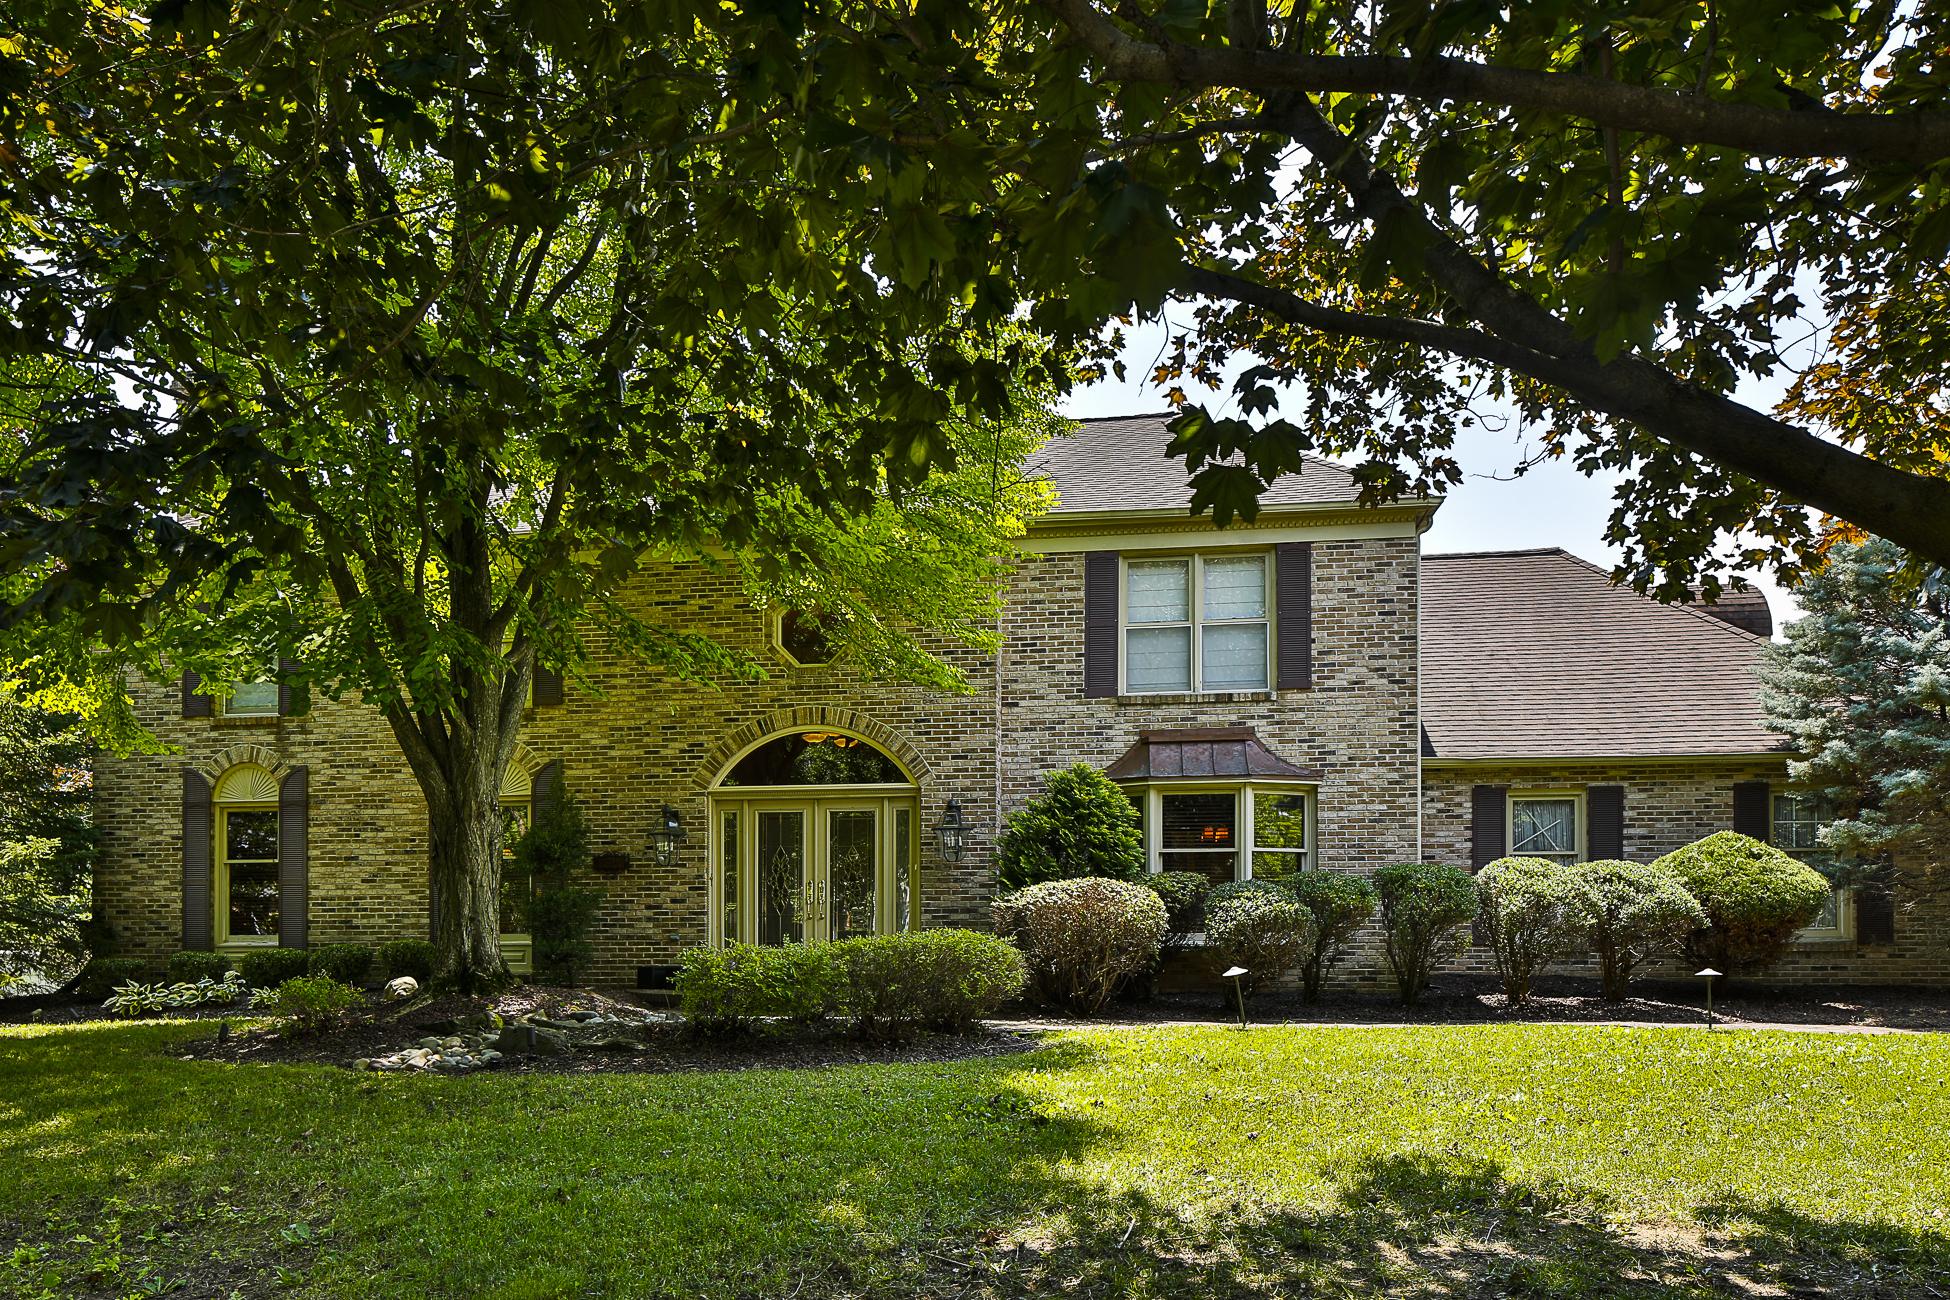 Maison unifamiliale pour l Vente à An Impeccable Renovation for Stunning Colonial - Lawrence Township 28 Lawrencia Drive Lawrenceville, New Jersey 08648 États-Unis